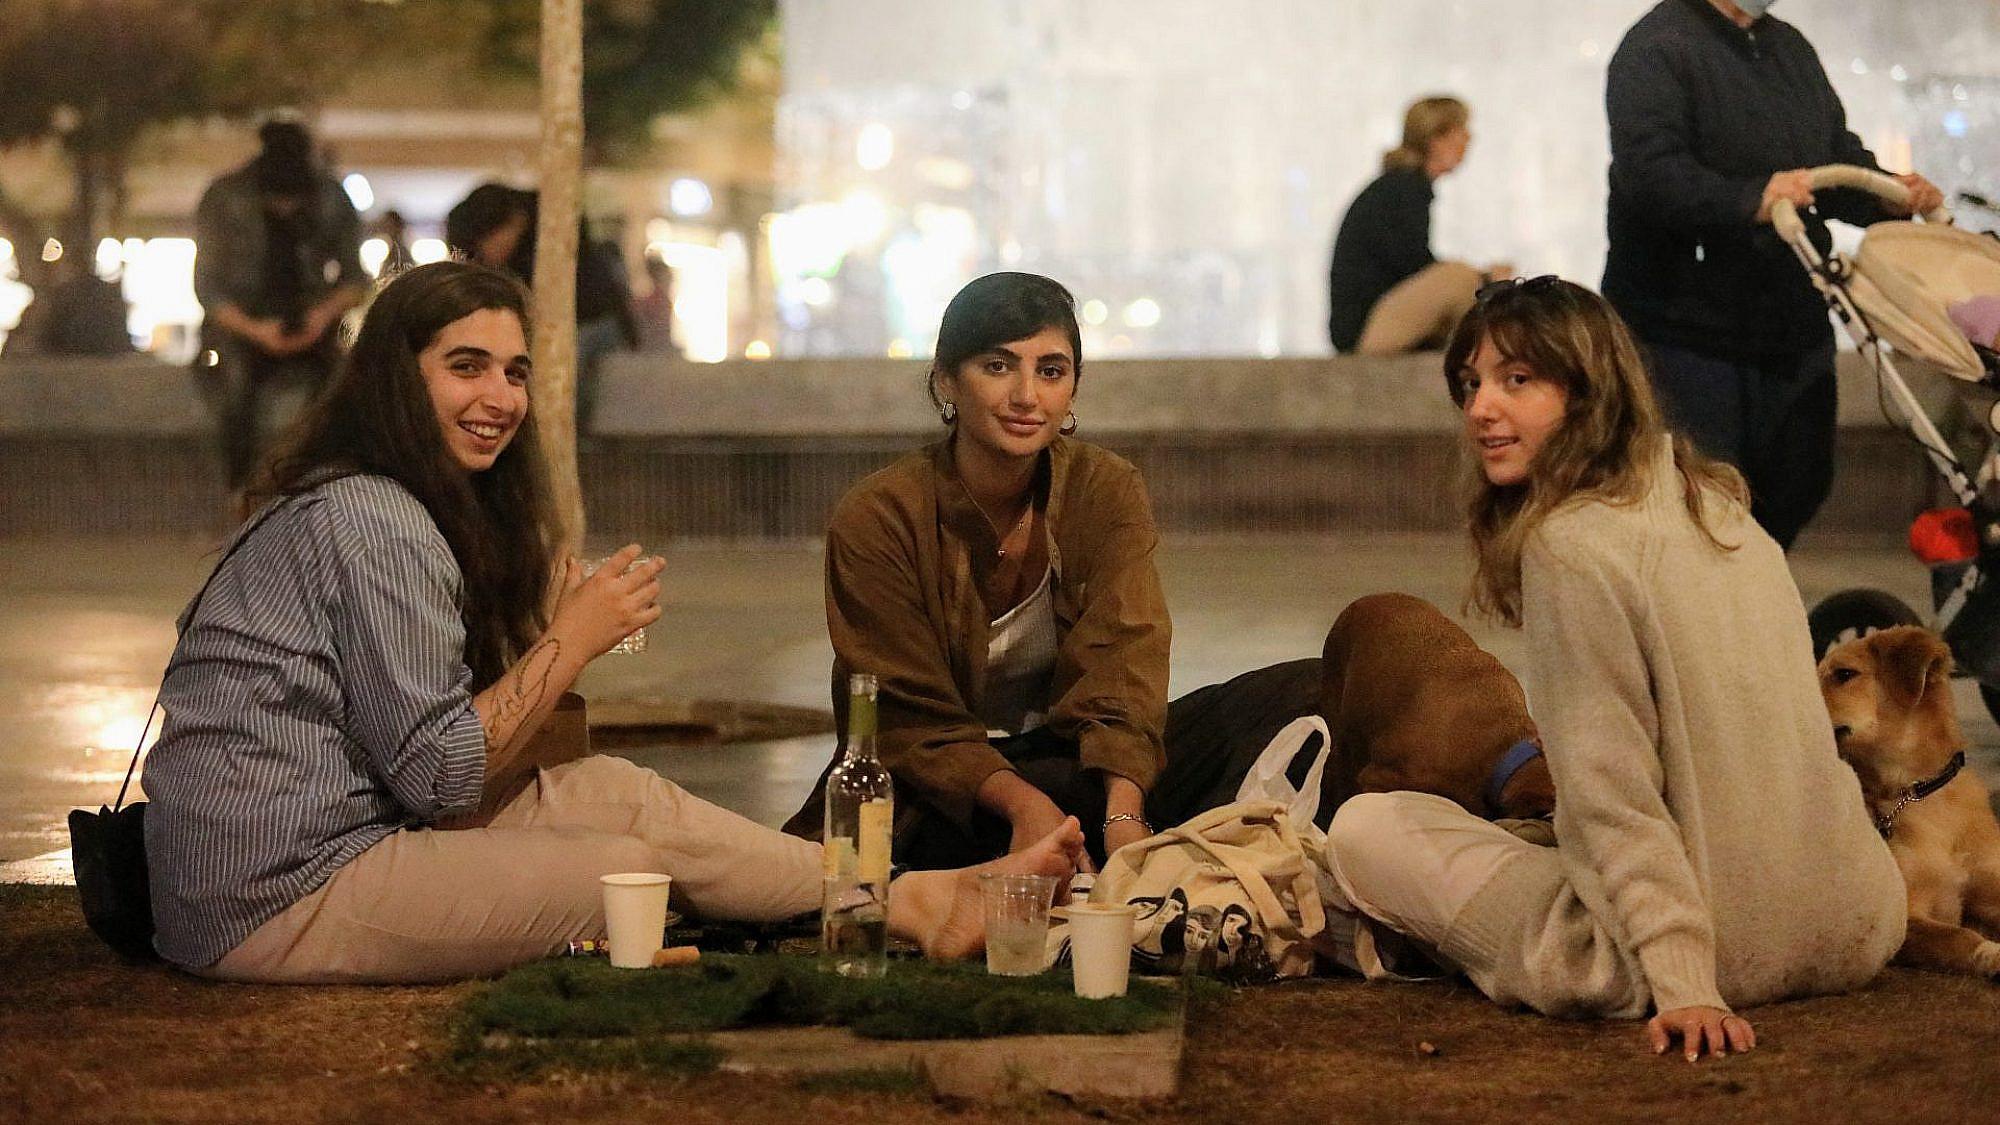 בילוי בימי קורונה. היום בכיכר. צילום: שלומי יוסף